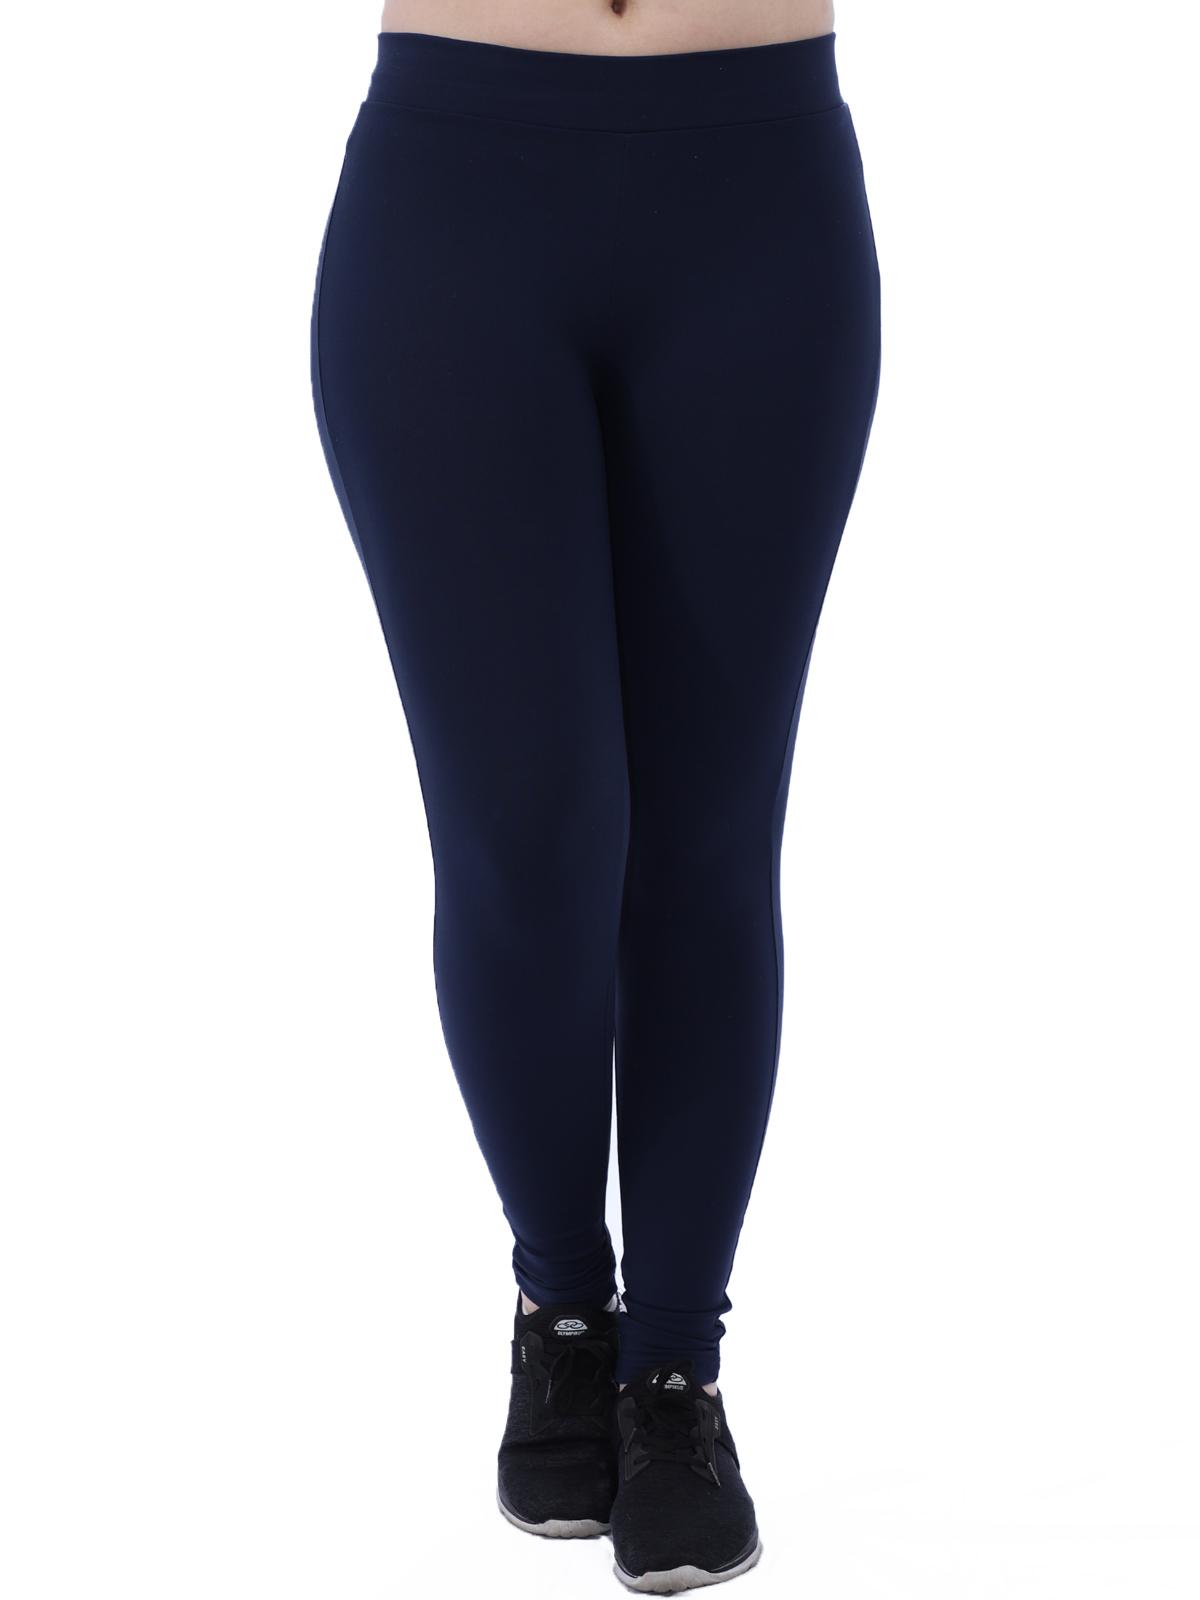 Calça Fusô Legging Fitness Feminina Academia Azul Marinho